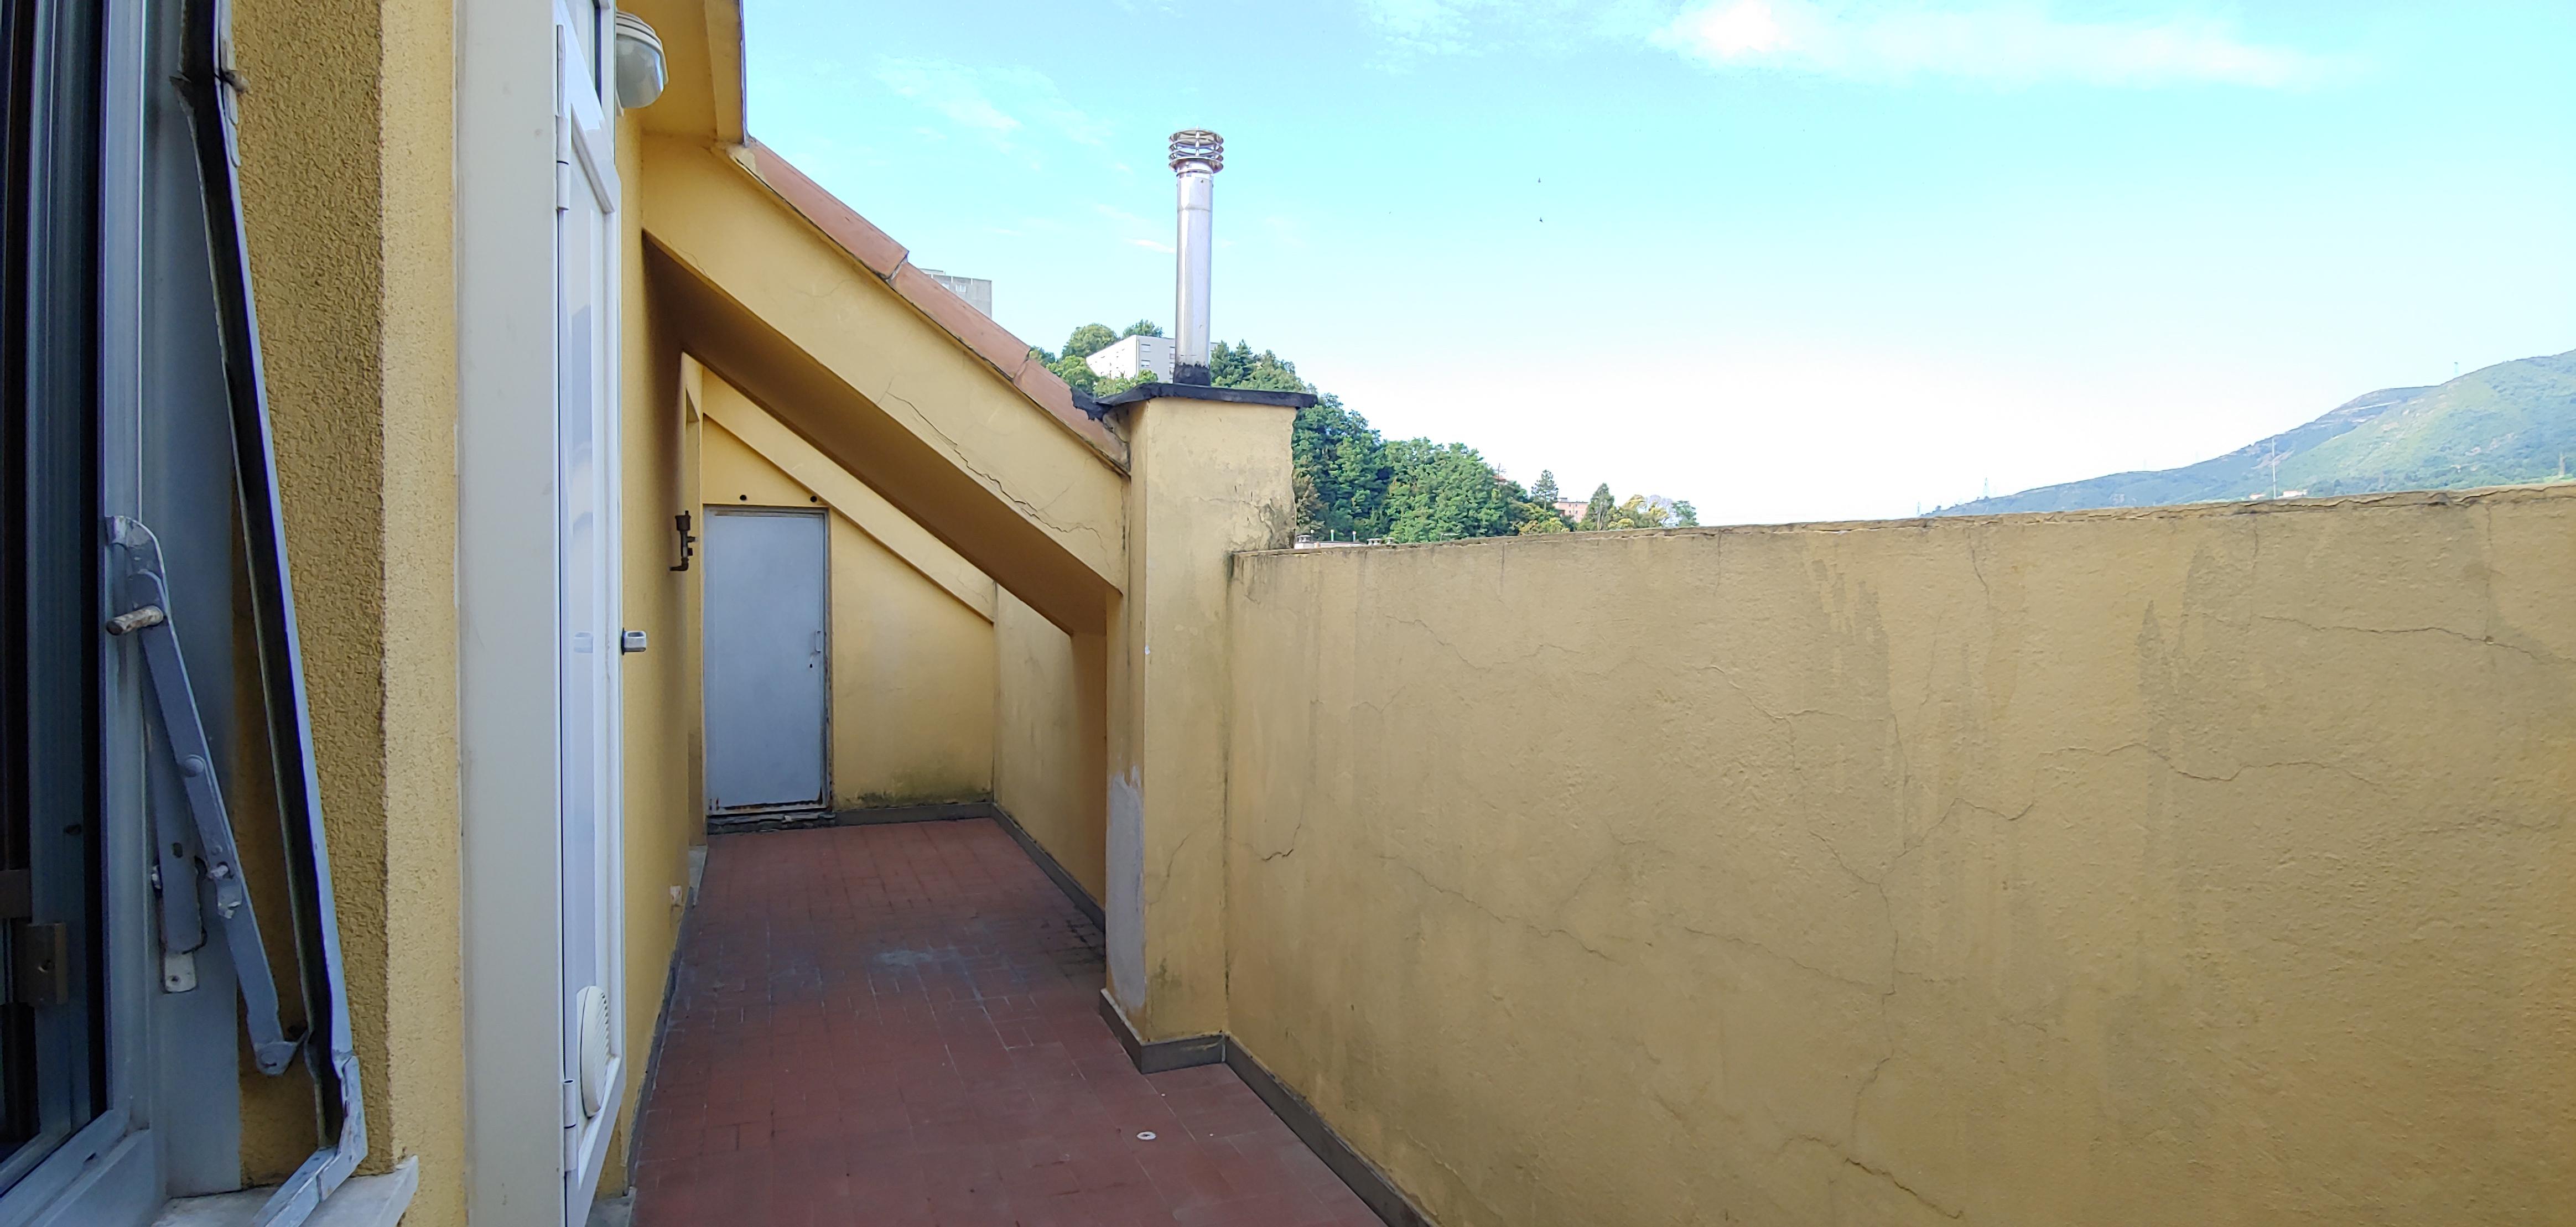 via zamperini vendita appartamento balcone